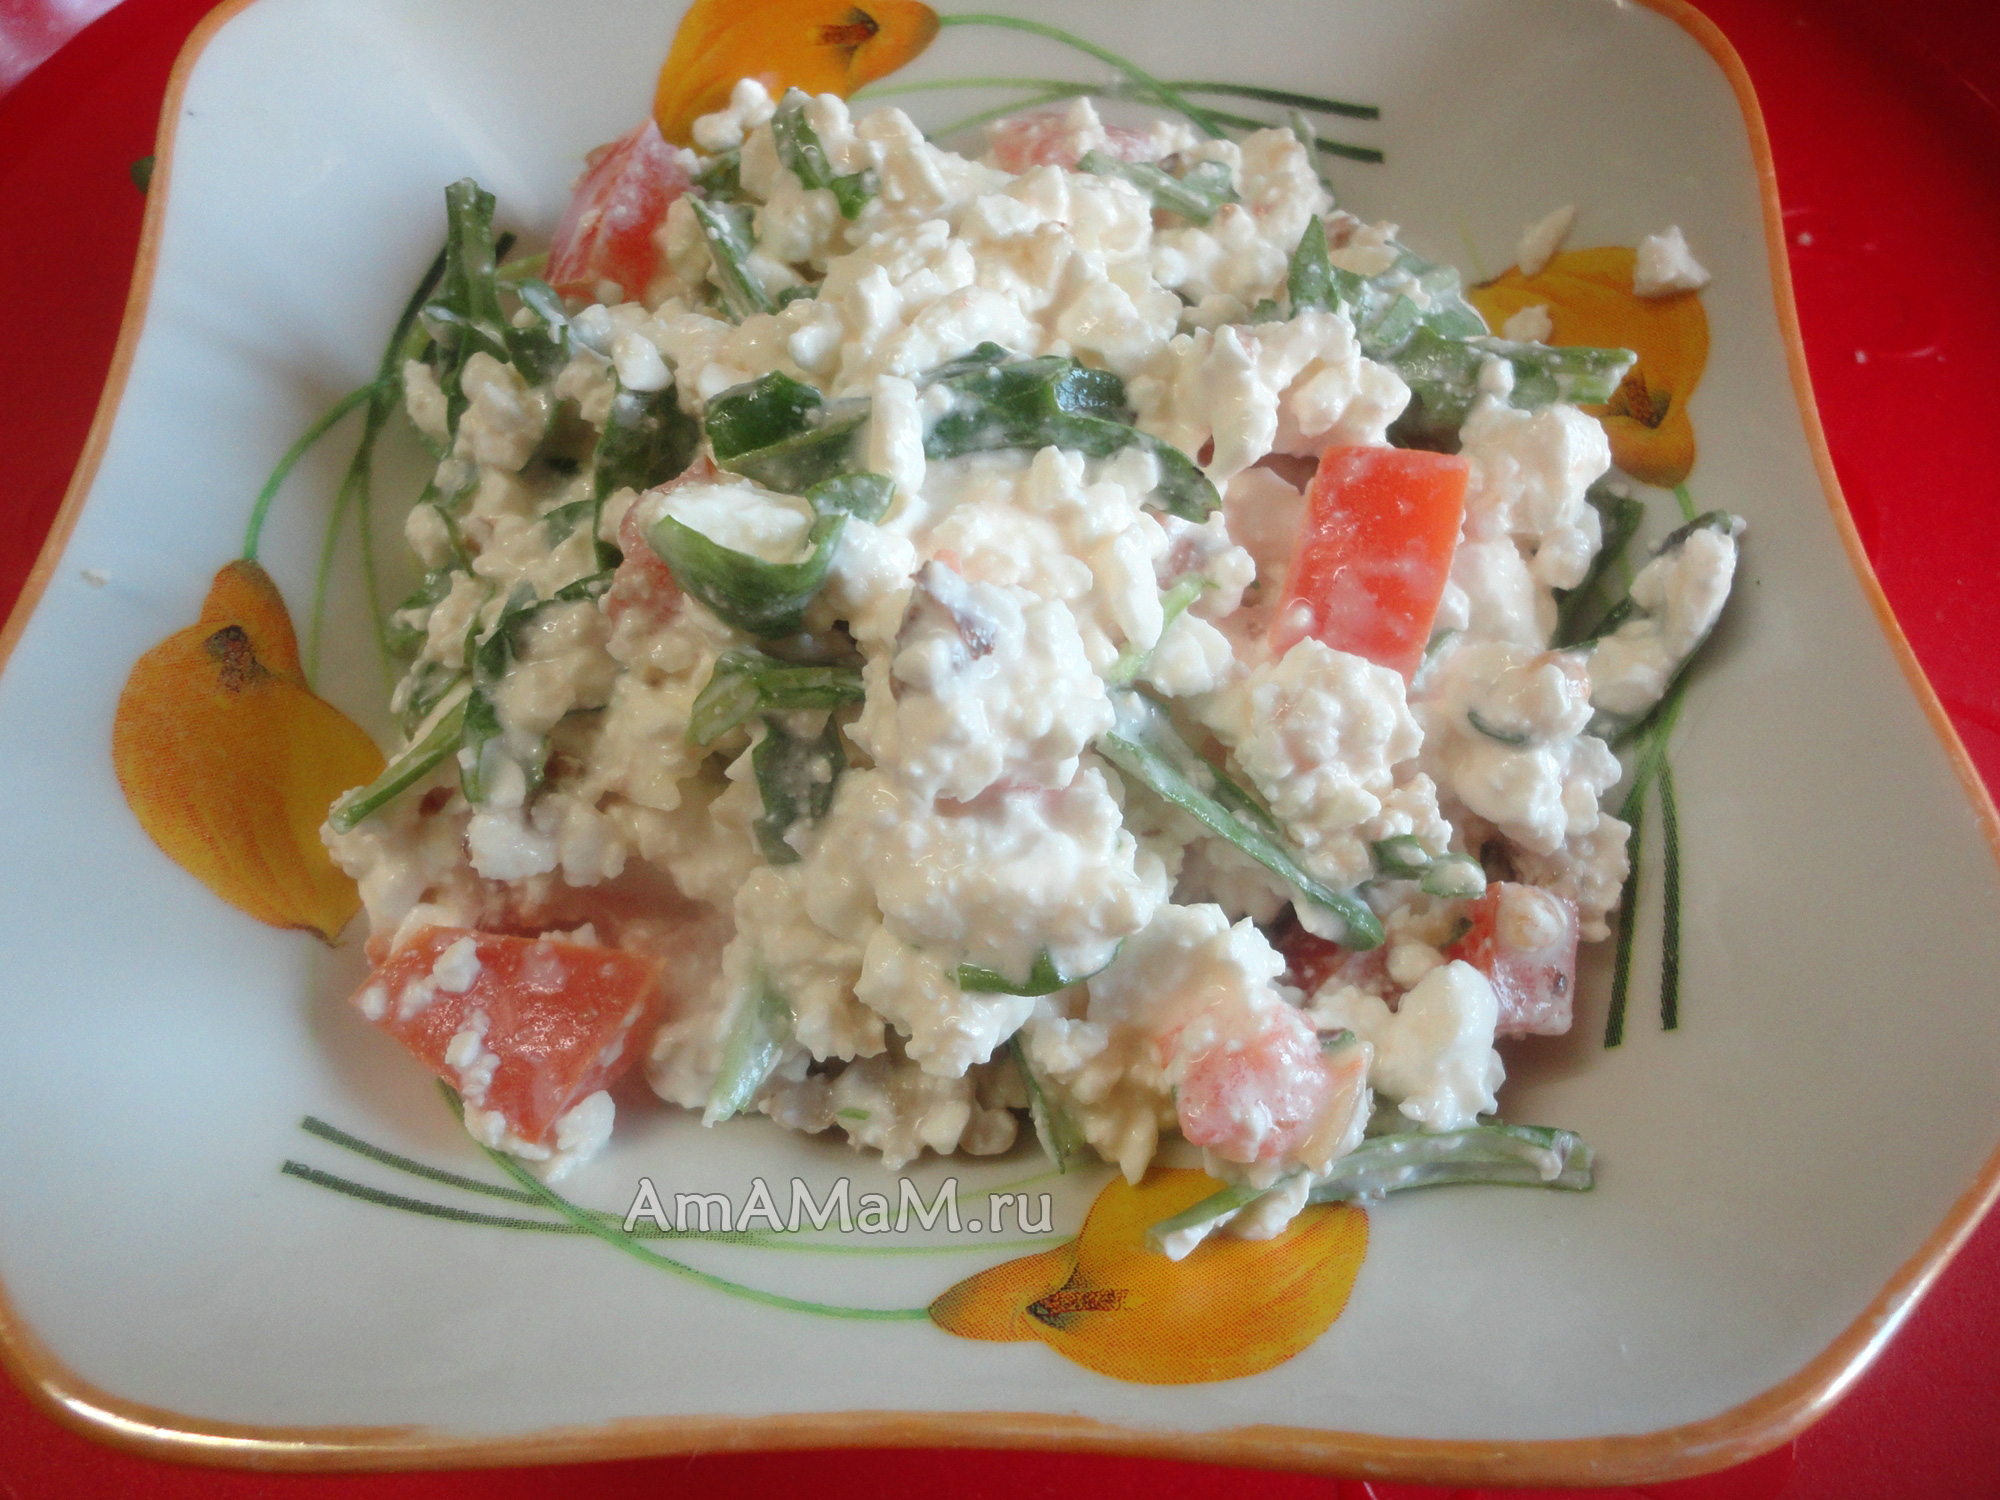 Салат с домашним сыром фото рецепт